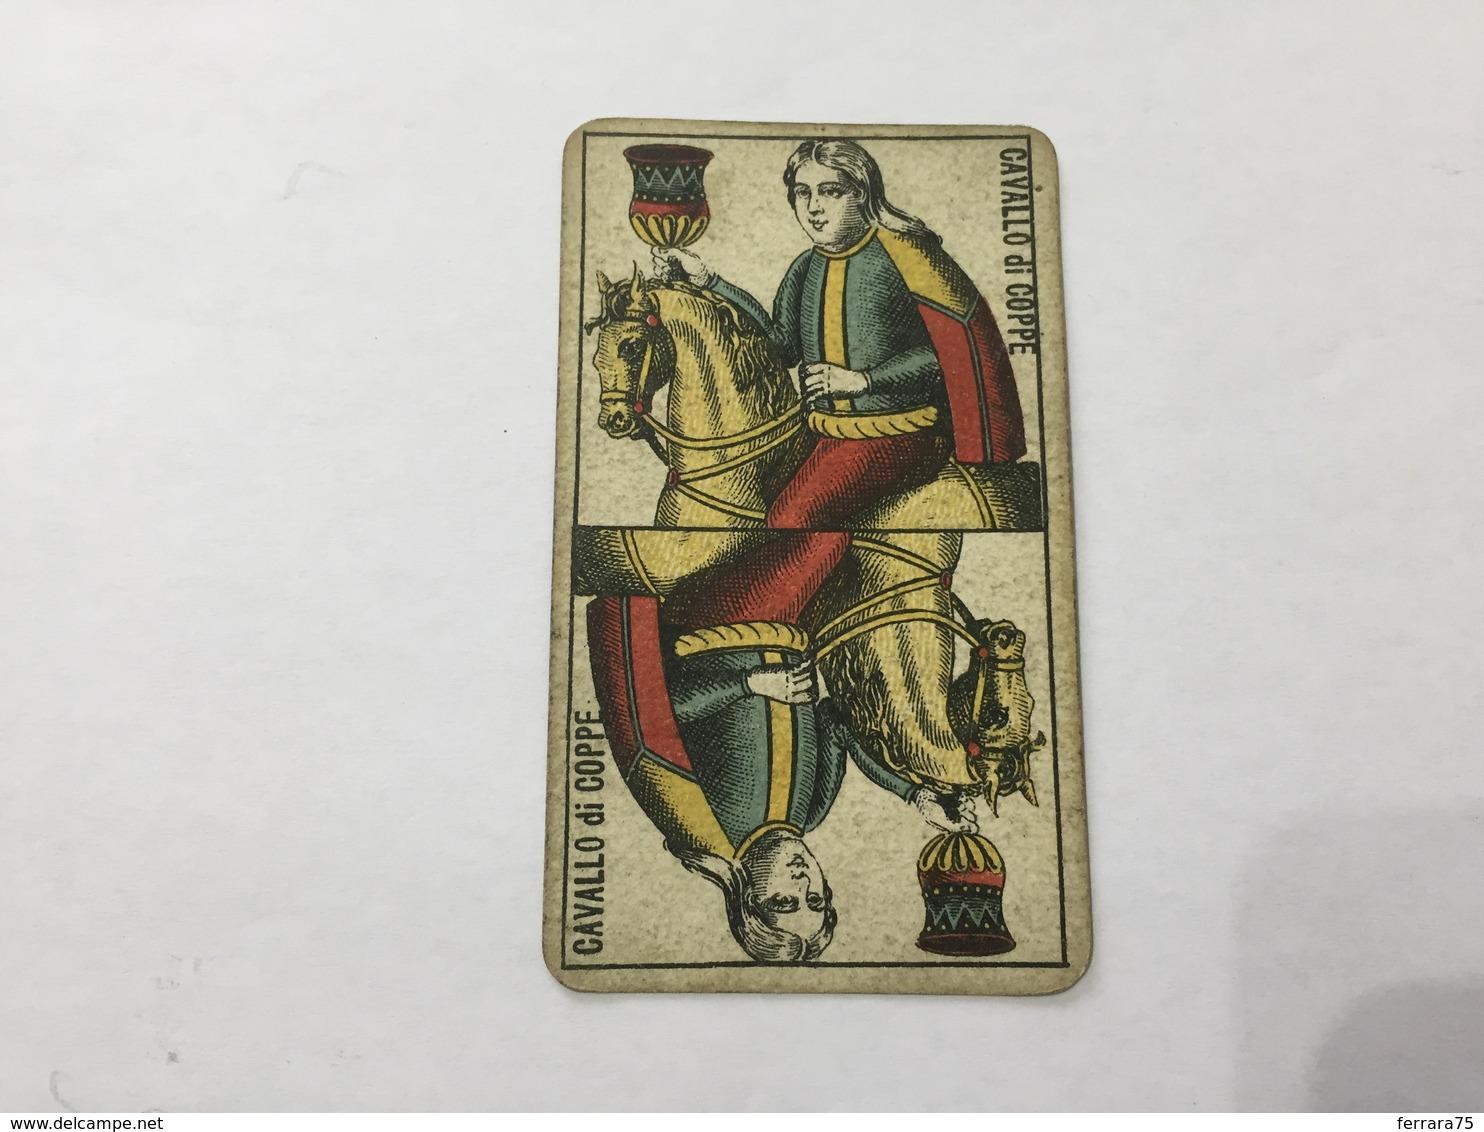 CARTA DA GIOCO PIEMONTESE VIASSONE TAROCCHI CAVALLO DI COPPE 1896 - Non Classificati